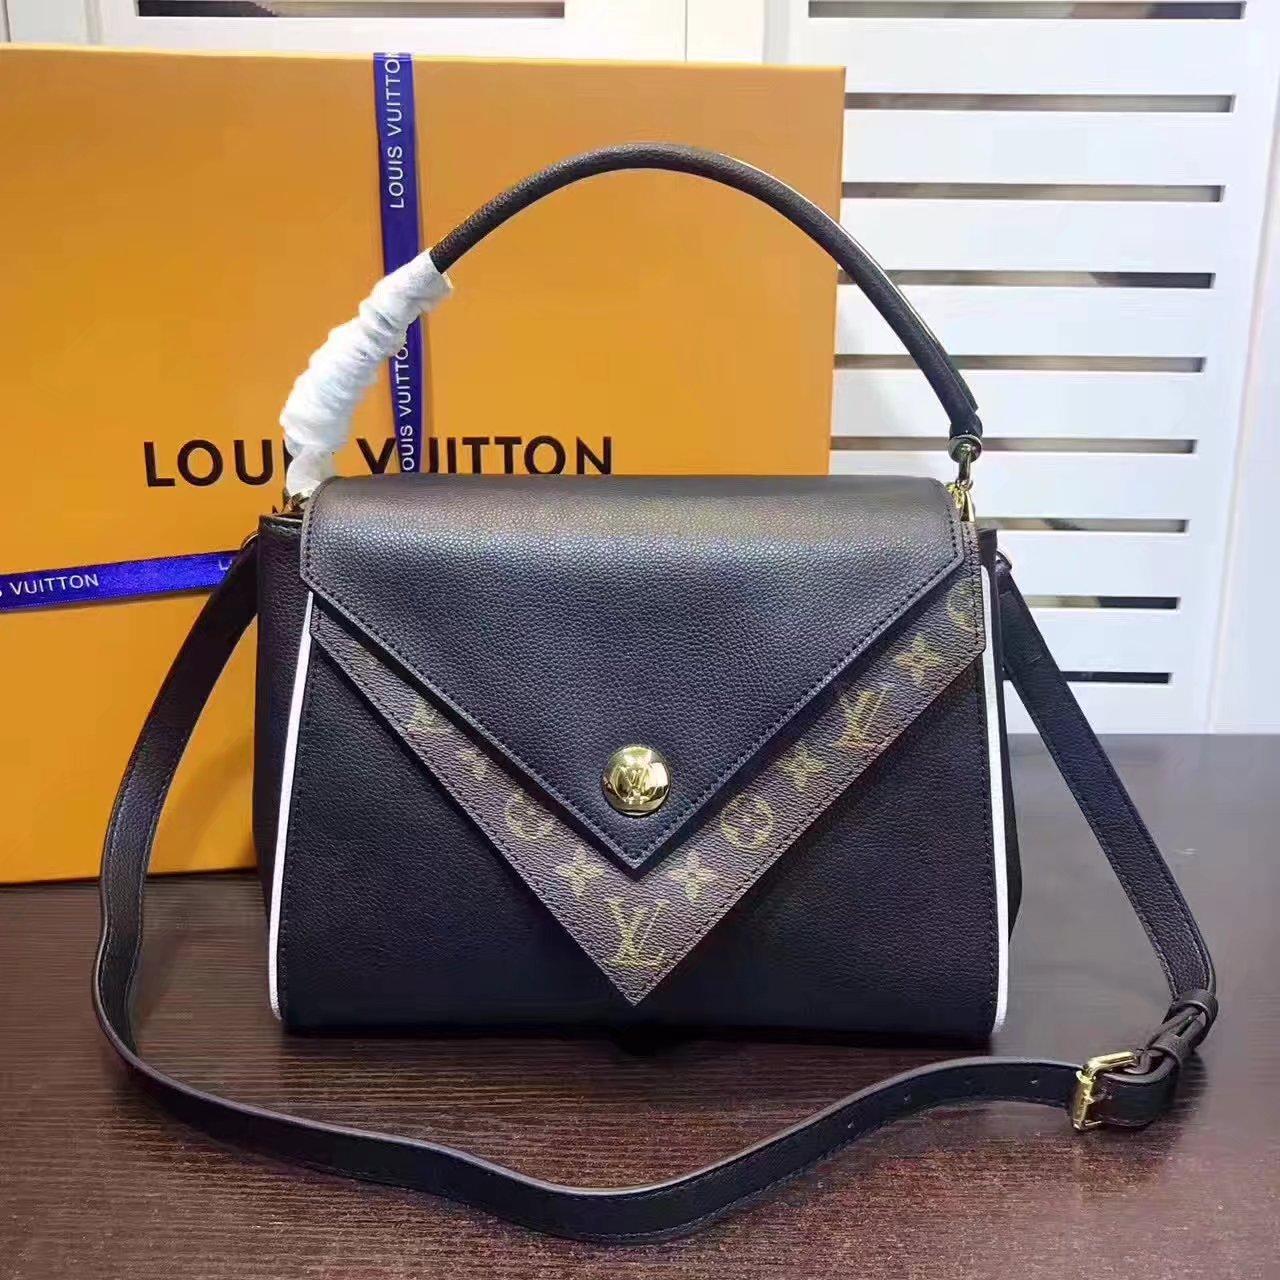 c0457b02a55 Louis Vuitton M54439 Double V Monogram Canvas Flap Tote Bag